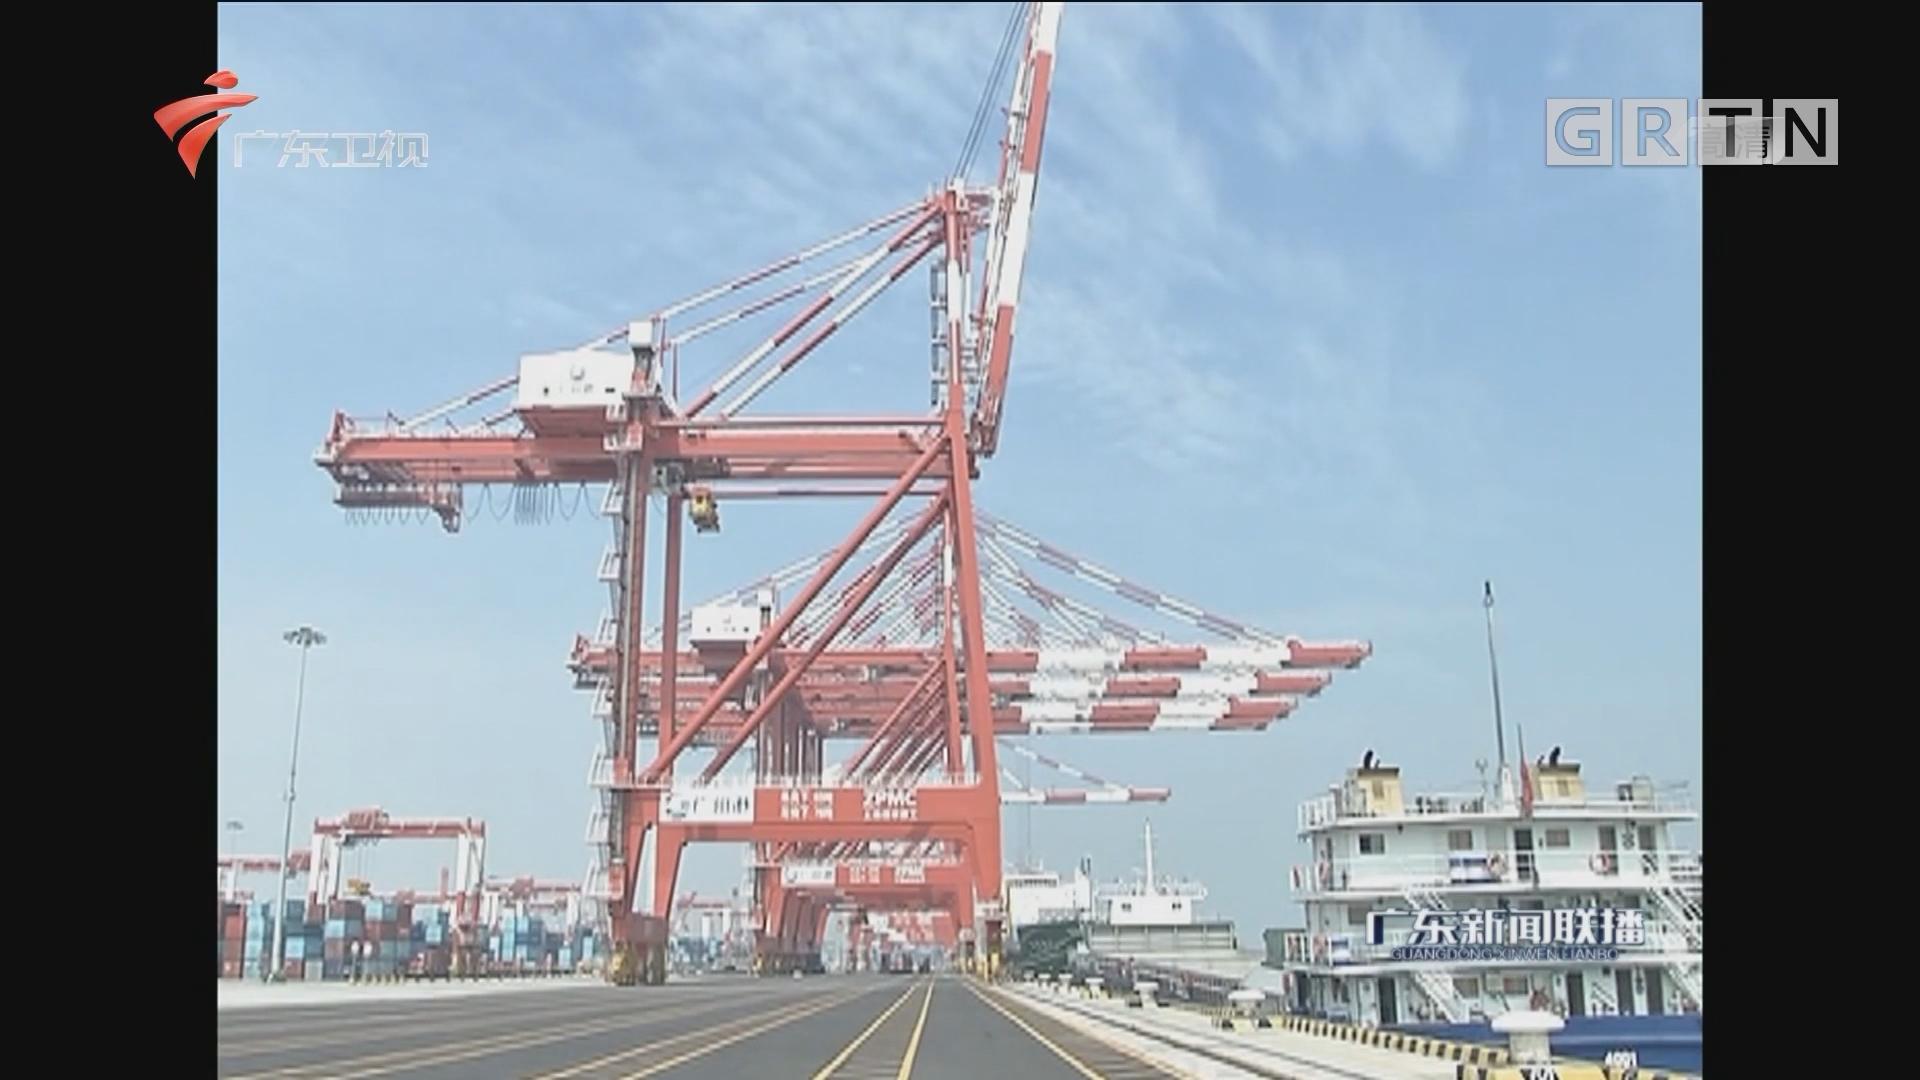 广州:开放构建新格局 新一轮发展再腾飞